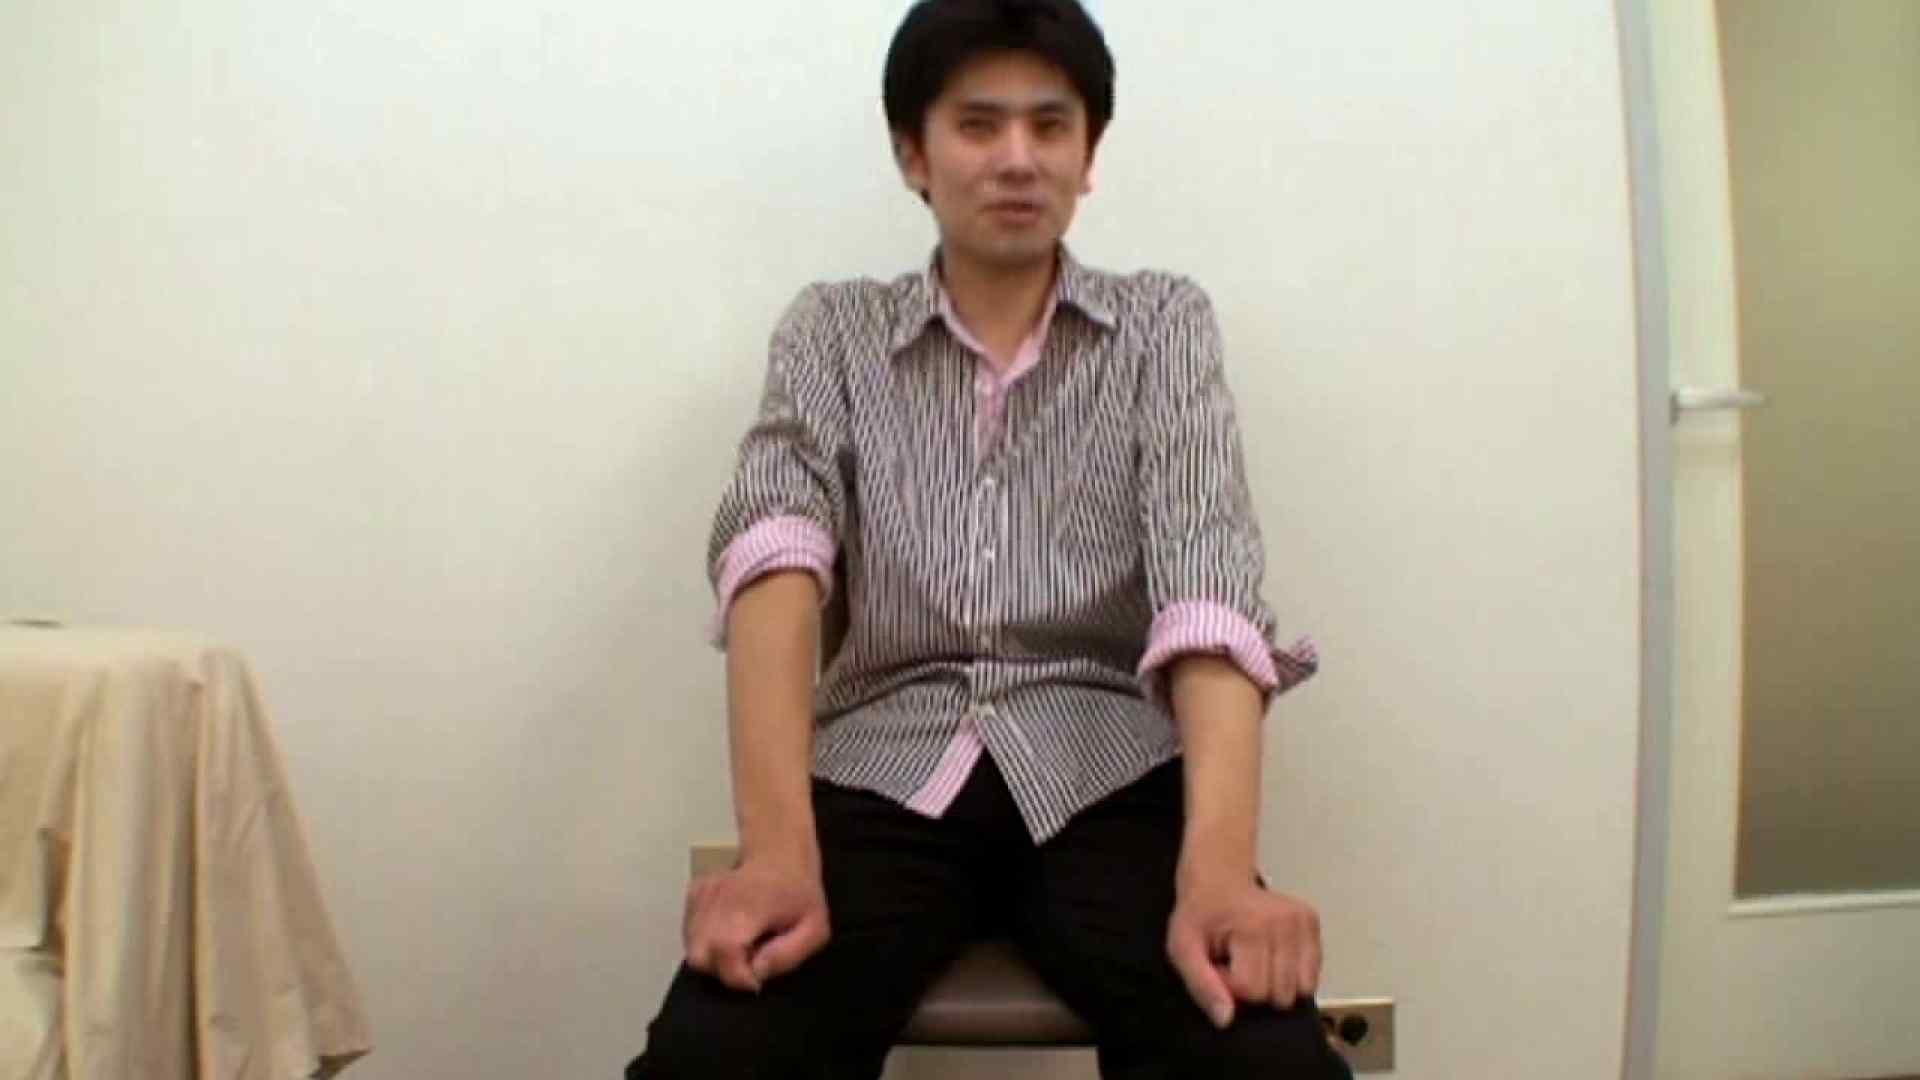 イケメンにタンクトップにオナニー 手コキ AV動画 58pic 24